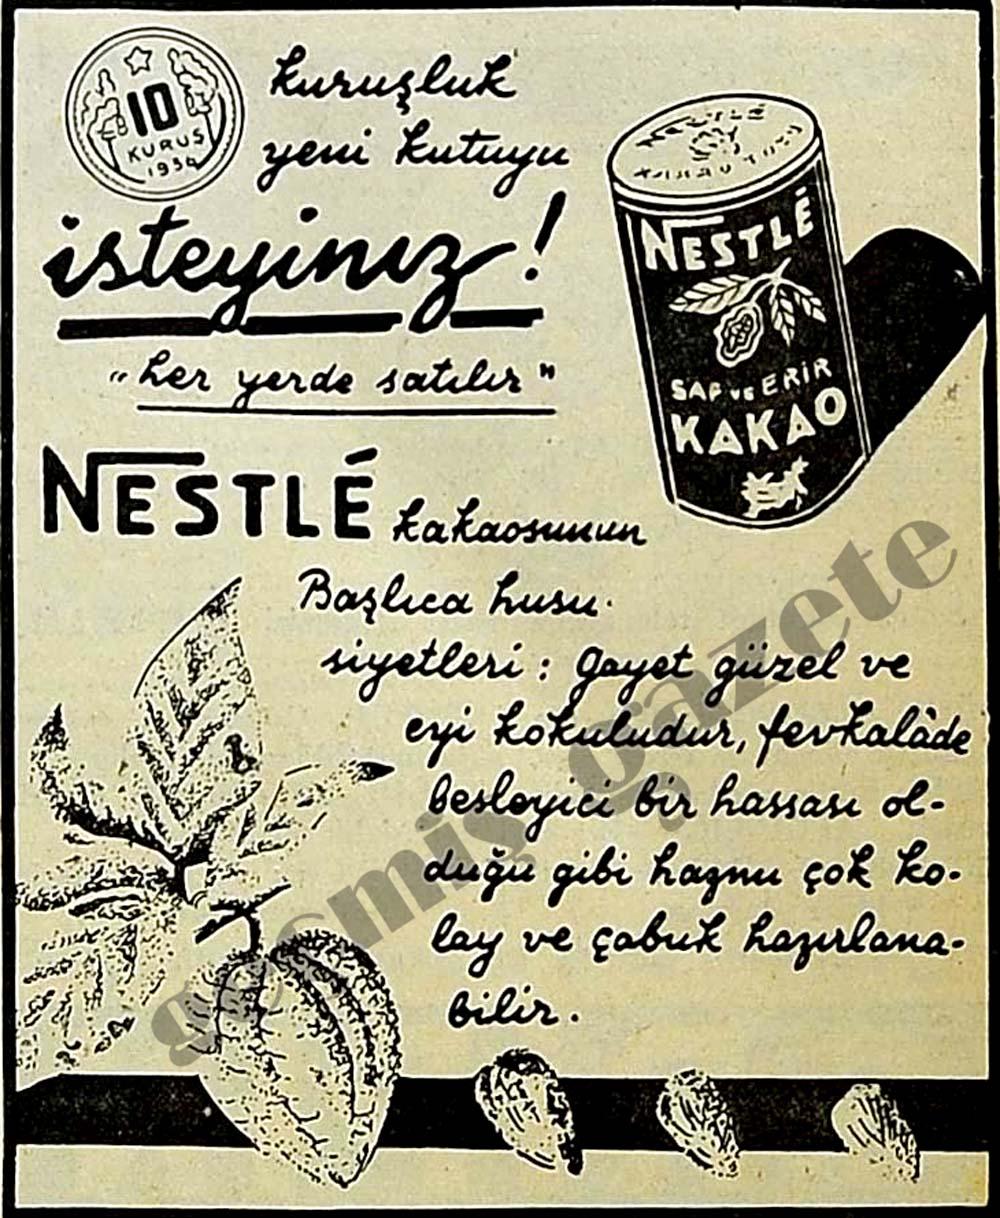 """Nestlé 10 kuruşluk yeni kutuyu isteyiniz! """"her yerde satılır"""""""